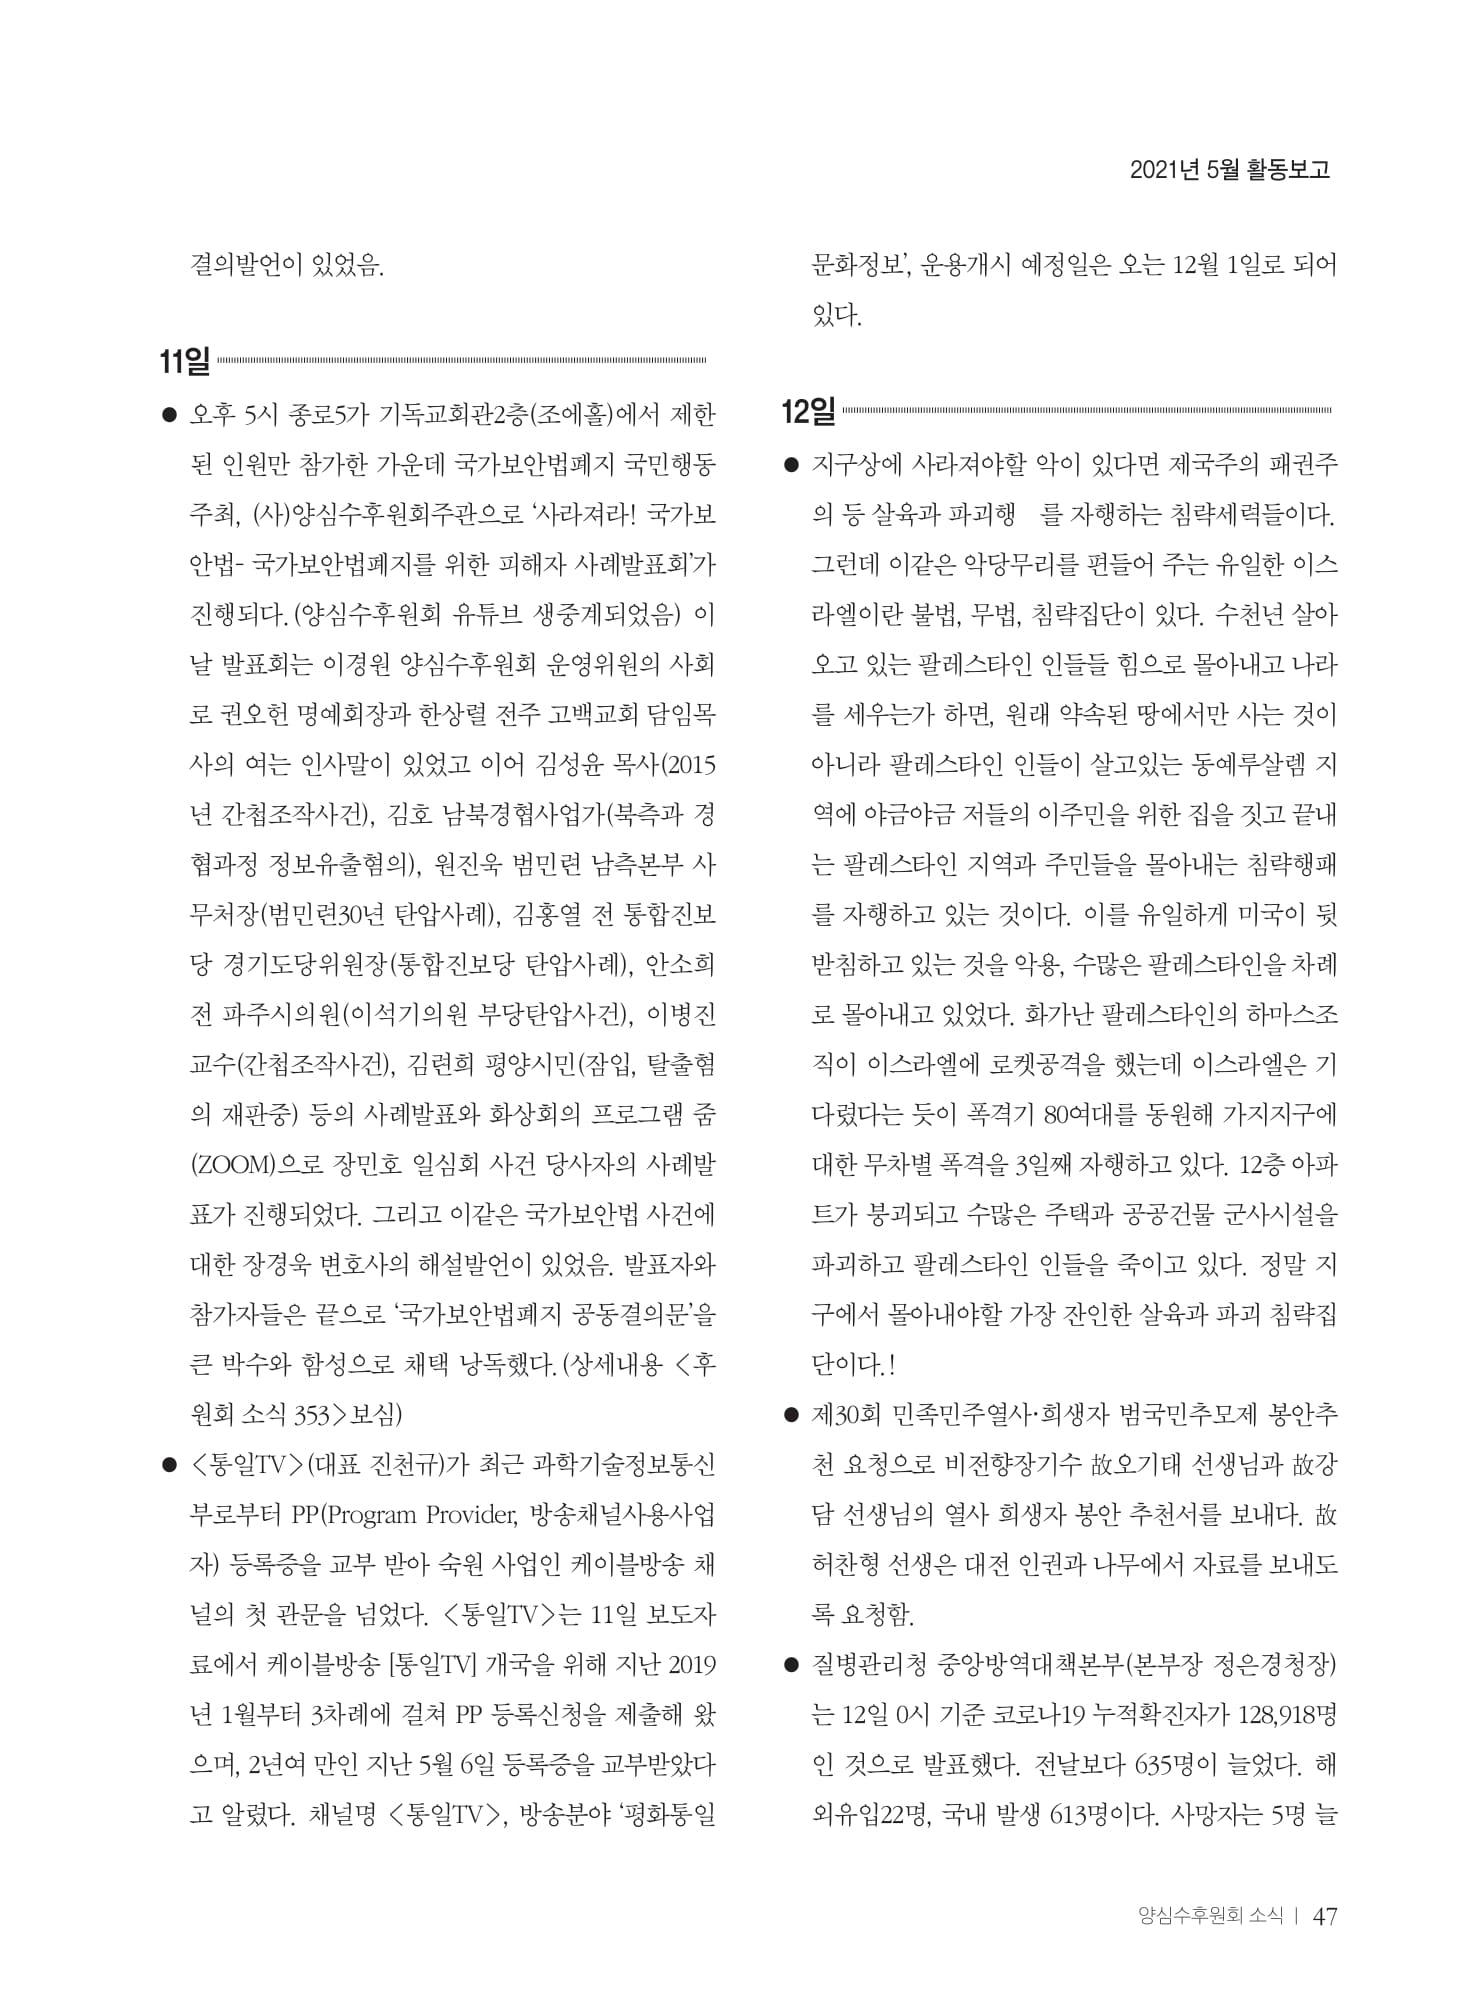 [양심수후원회] 소식지 354호 web 수정-49.jpg